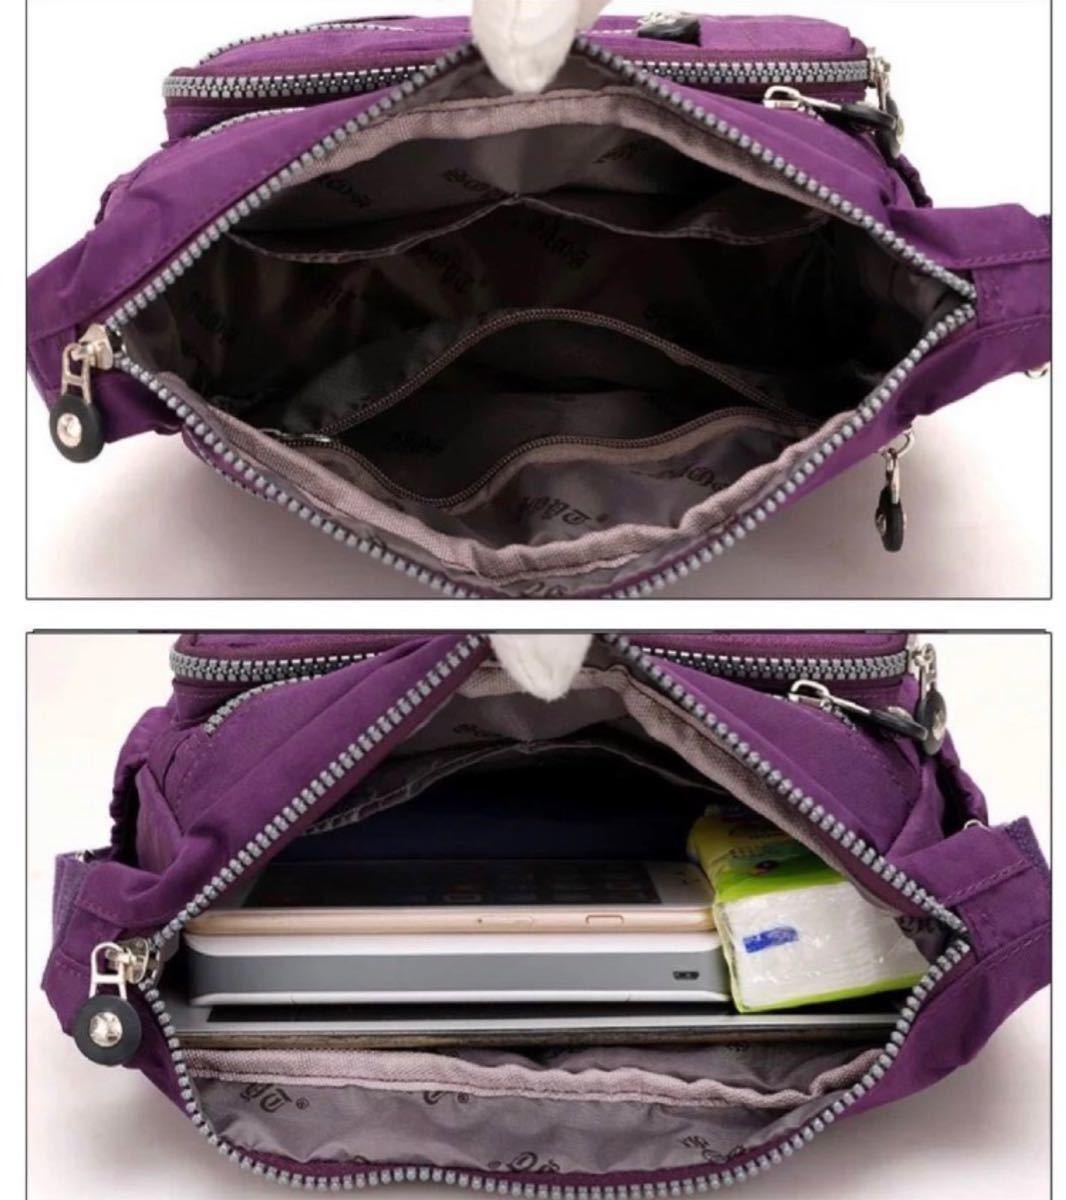 ショルダーバッグ 斜めがけ 軽量 レディースバッグ ボディーバッグ グレー iPad 斜めがけバッグ